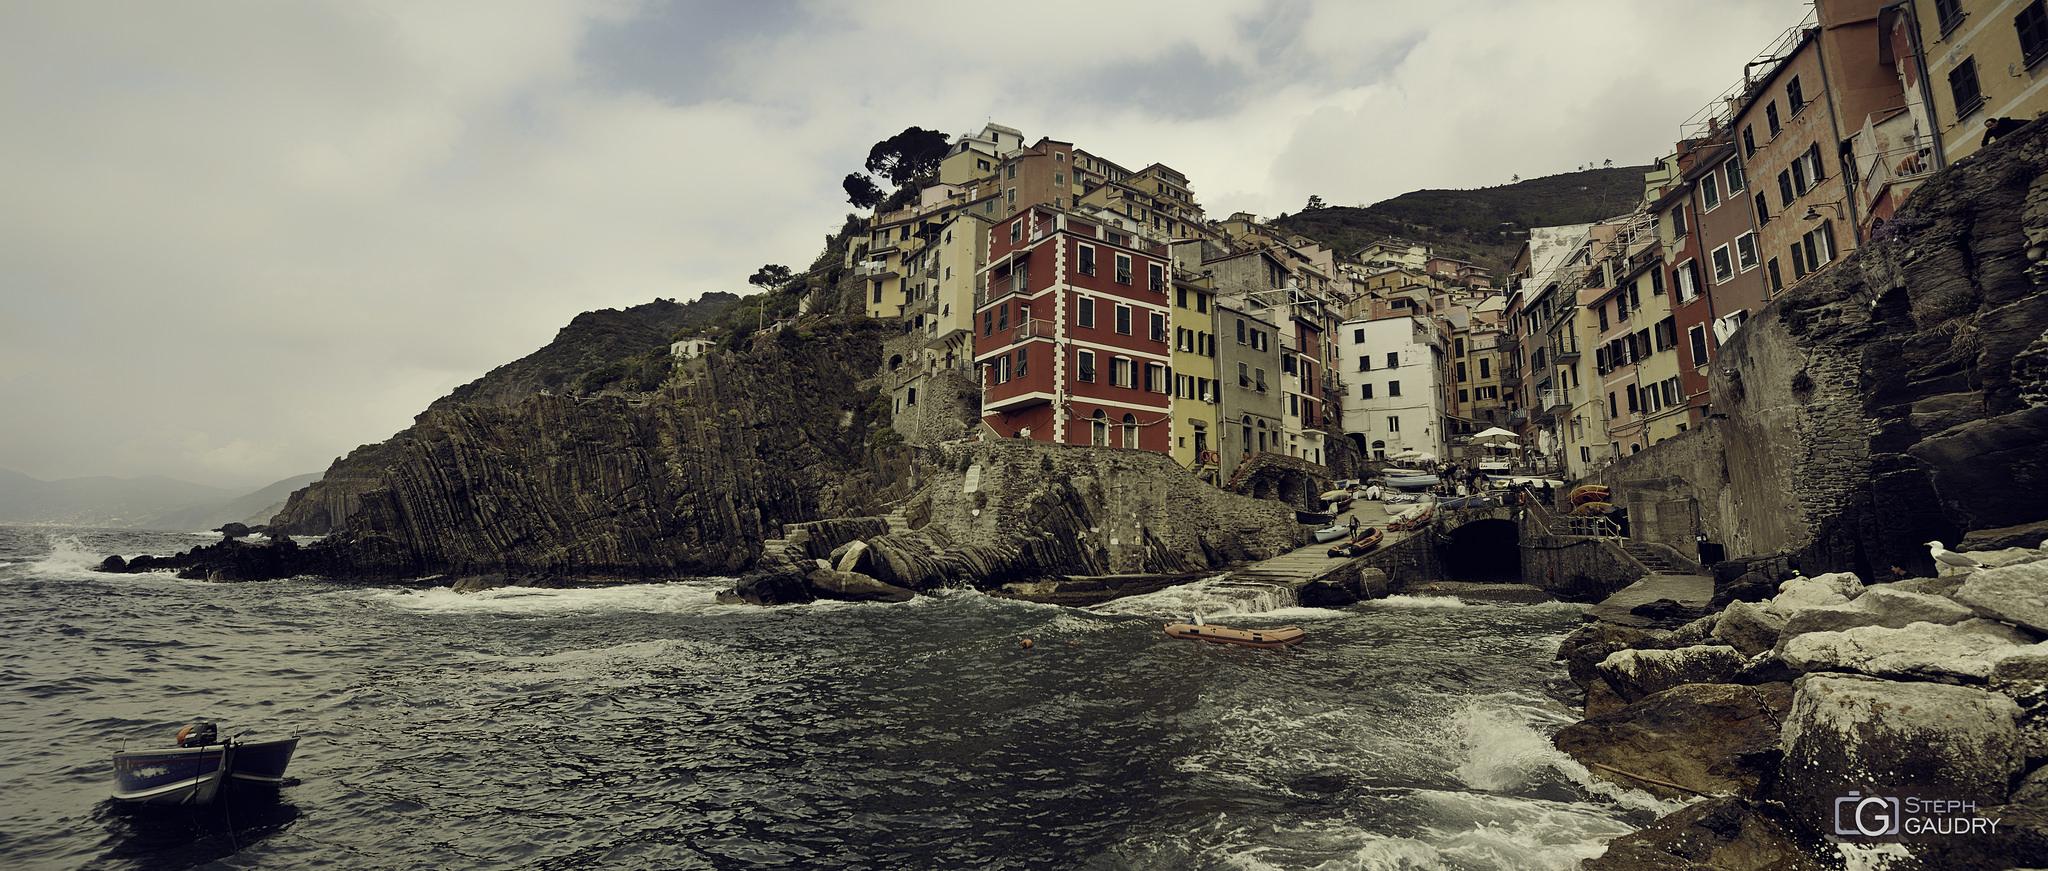 Riomaggiore (ITA)